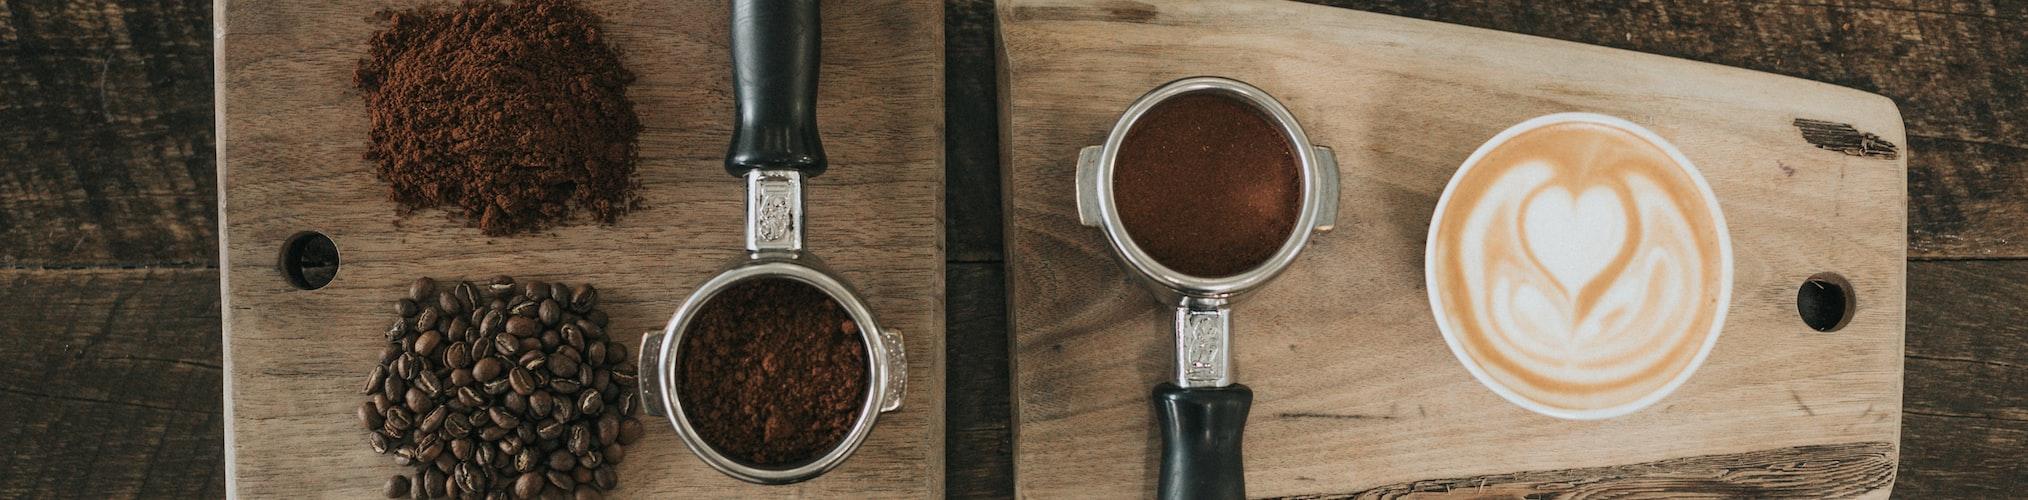 Présentation de café en grain et moulu